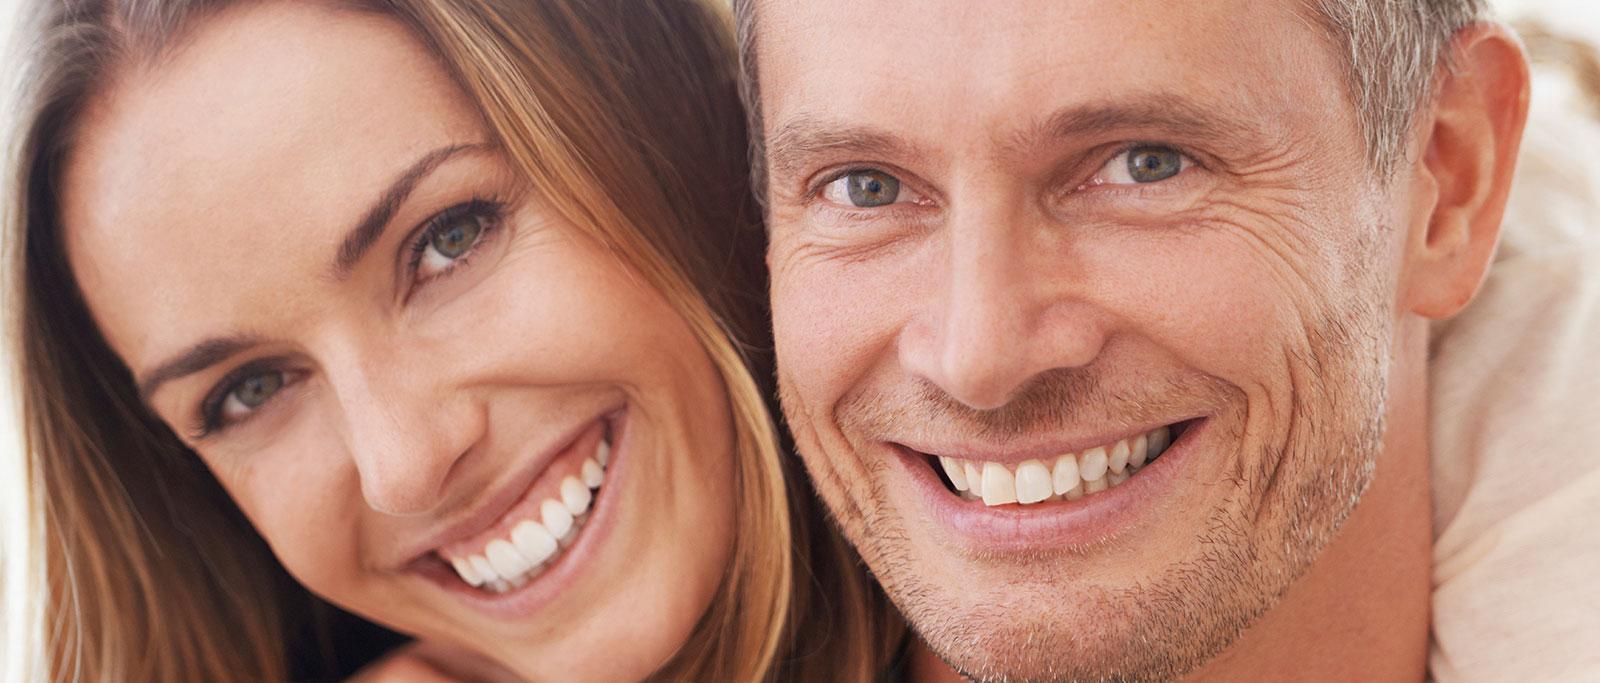 Dentalhygiene kostet weniger als keine Dentalhygiene